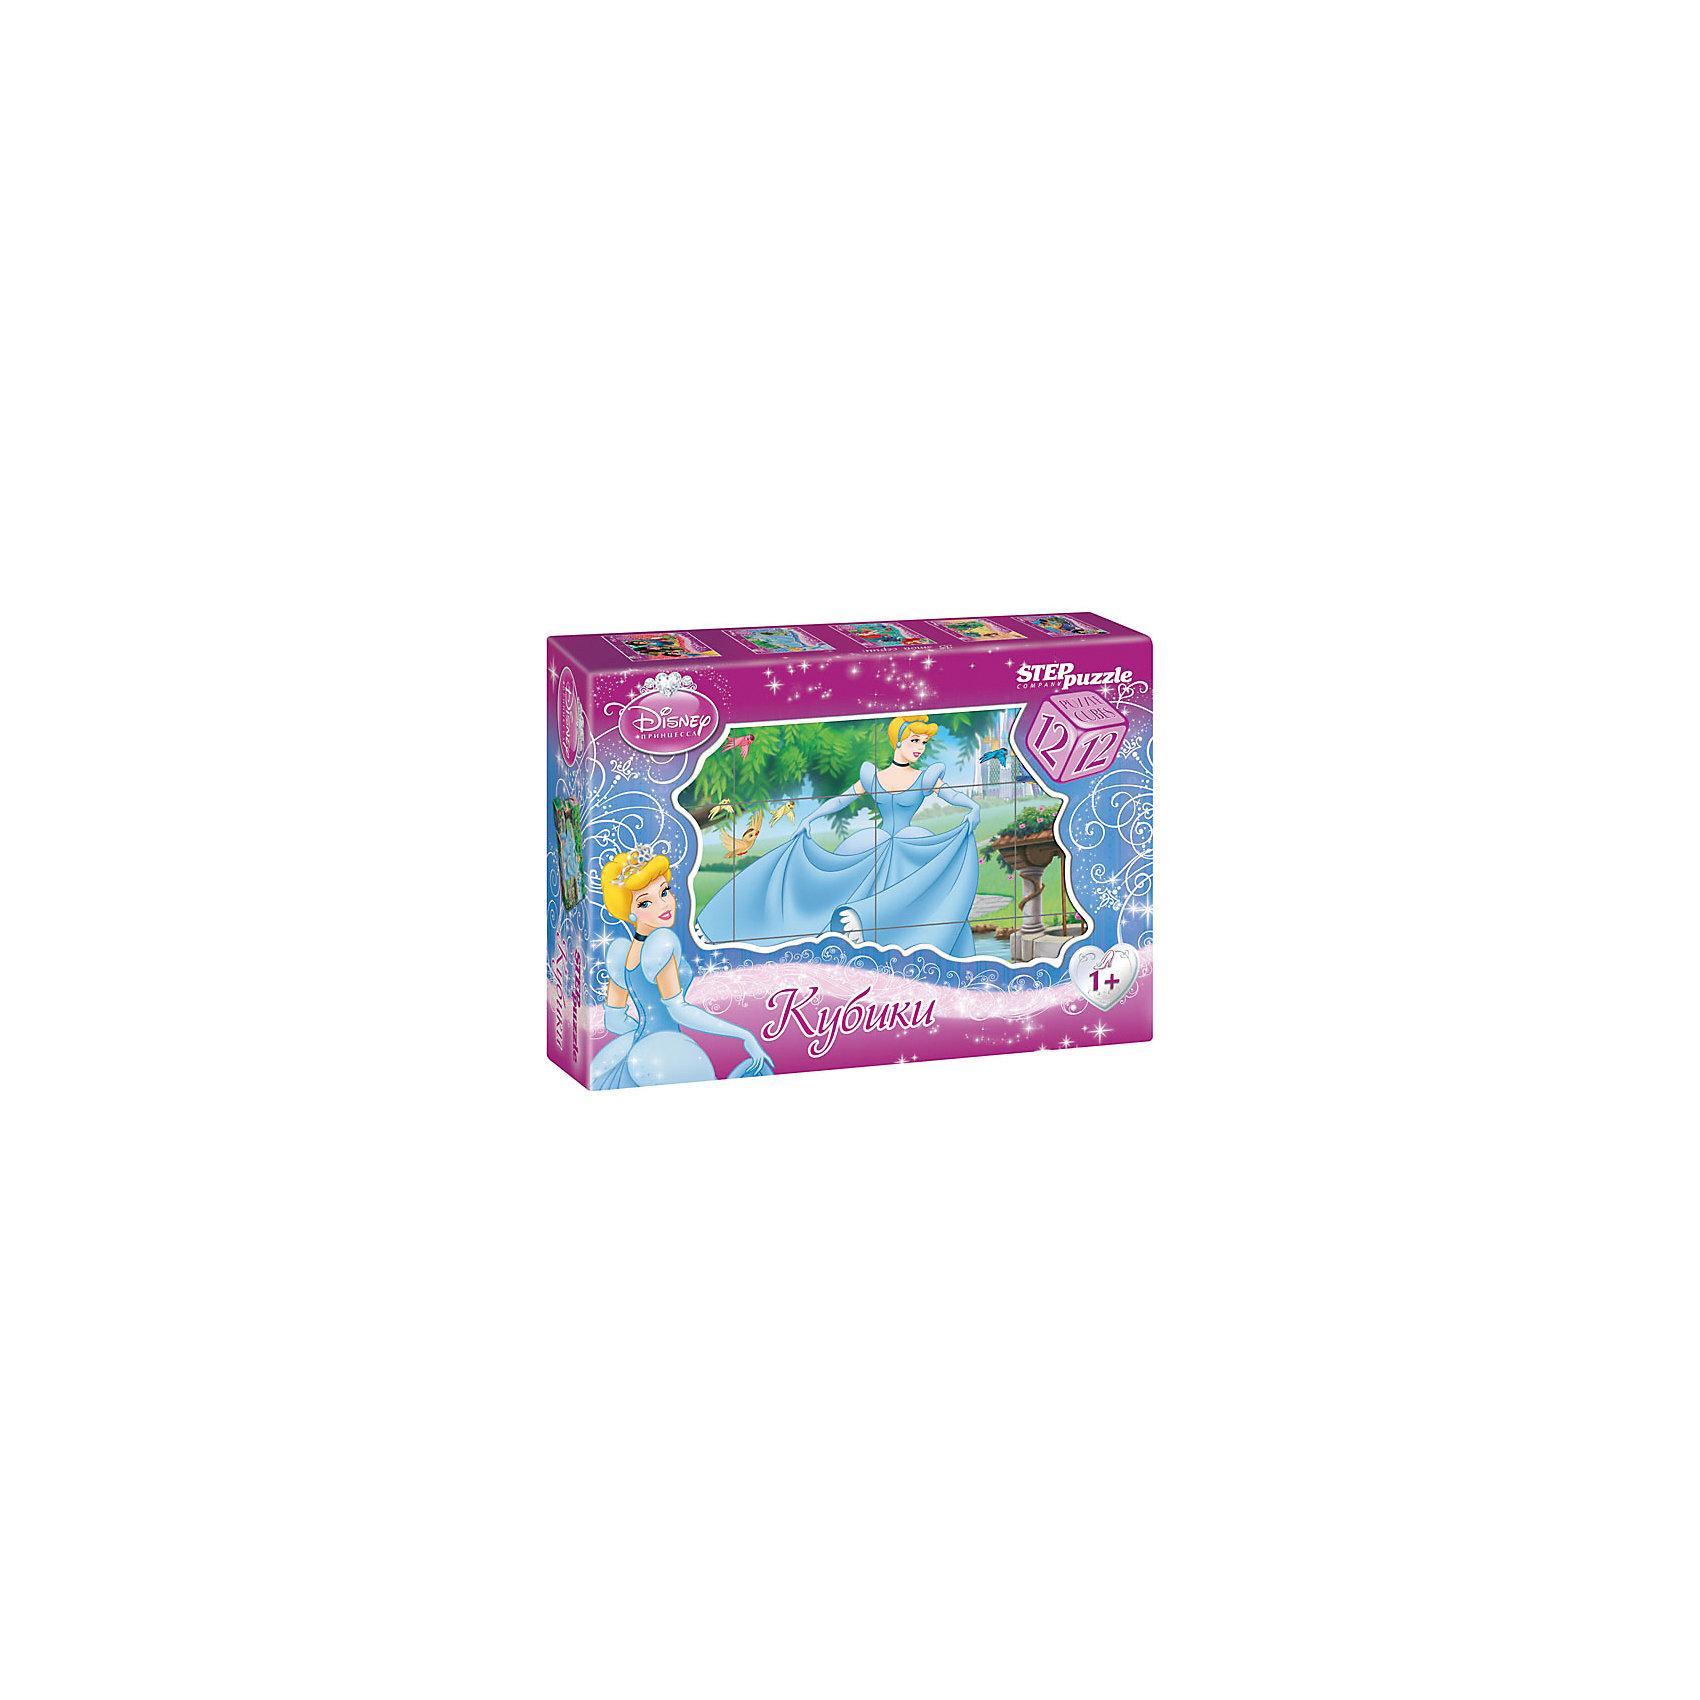 Кубики Золушка, 12шт, Step PuzzleКубики<br>Кубики Золушка, 12шт, Step Puzzle (Степ Пазл) - это кубики с яркими запоминающимися картинками.<br>Красочный набор кубиков с иллюстрациями к мультсериалу Disney Золушка предназначен для развития логики, зрительной памяти и внимания у детей младшего возраста. Из 12 кубиков можно составить 6 разных сюжетов из любимого мультфильма. Кубики изготовлены из легкого прочного пластика. Яркие, сочные картинки, наклеенные на пластик, хорошо держатся, рисунки глянцевые. Наборы из 12 кубиков – для тех, кто освоил навык сборки картинки из 9 кубиков. Заложенный дидактический принцип «от простого к сложному» позволит ребёнку поверить в свои силы.<br><br>Дополнительная информация:<br><br>- В наборе: 12 кубиков<br>- Сторона кубика: 4 см.<br>- Размер готовой картинки: 12х16 см.<br>- Материал: пластик, картон<br>- Упаковка: картонная коробка<br>- Размер упаковки: 160x40x120 мм.<br>- Вес: 400 гр.<br><br>Кубики Золушка, 12шт, Step Puzzle (Степ Пазл) можно купить в нашем интернет-магазине.<br><br>Ширина мм: 160<br>Глубина мм: 40<br>Высота мм: 120<br>Вес г: 400<br>Возраст от месяцев: 36<br>Возраст до месяцев: 84<br>Пол: Унисекс<br>Возраст: Детский<br>SKU: 4588238